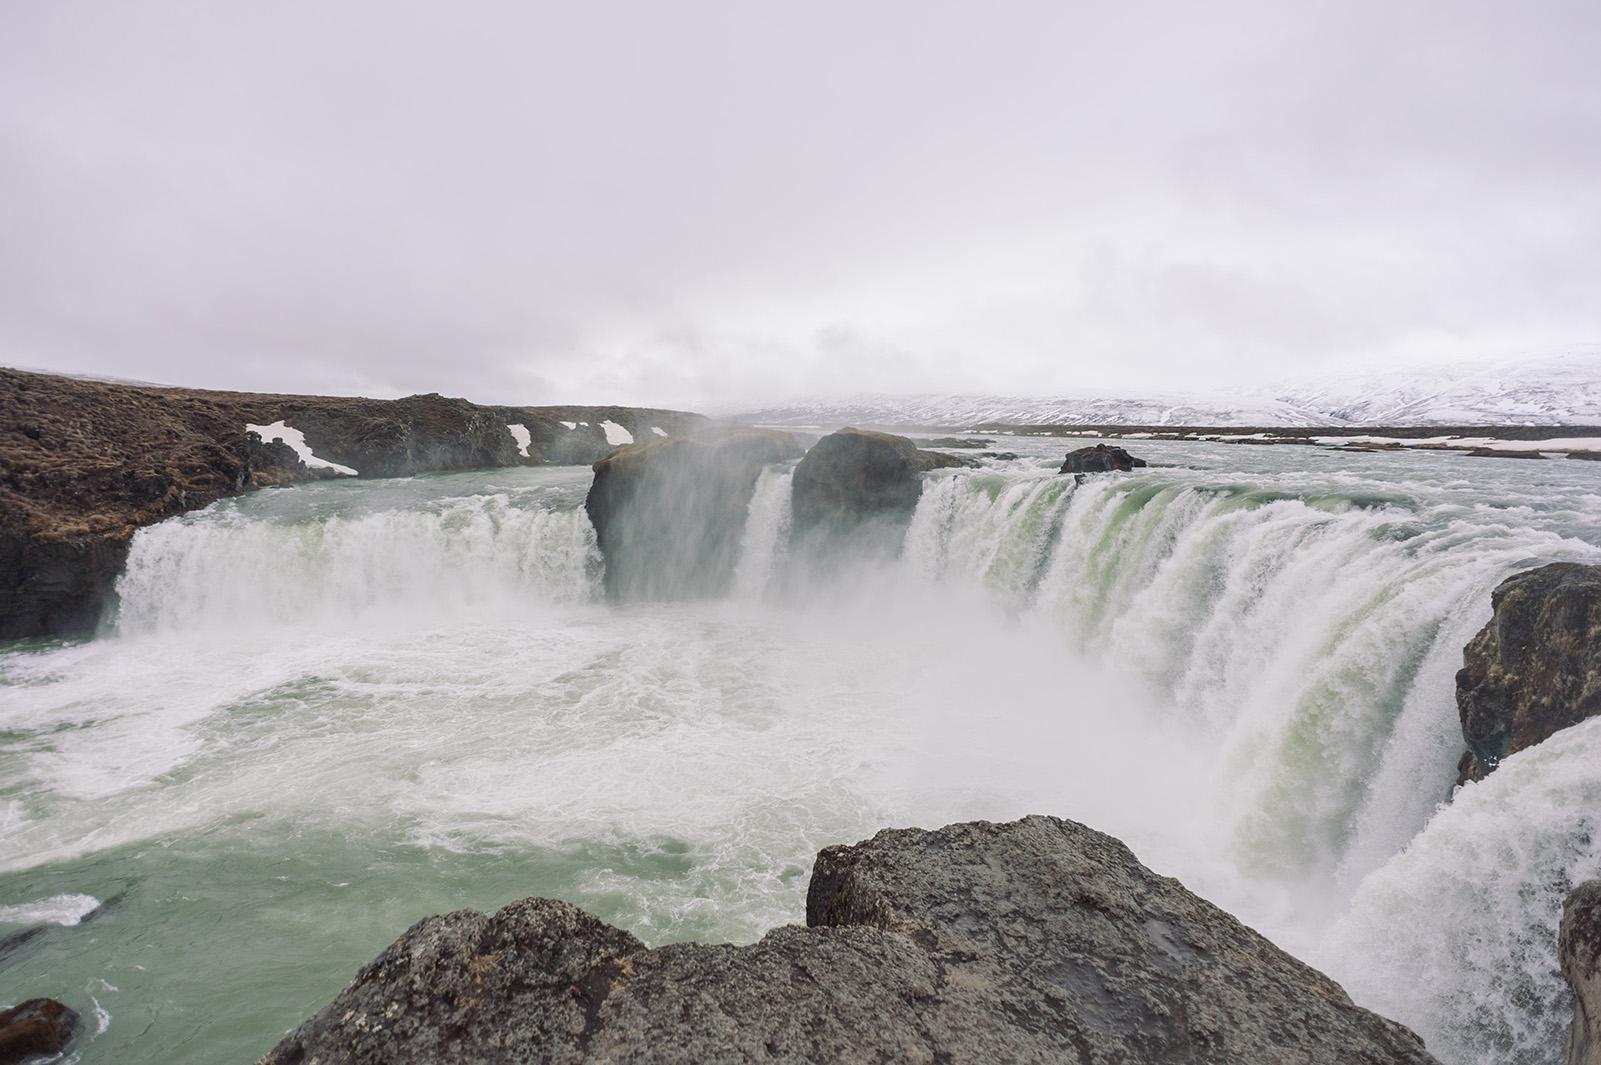 Goðafoss - водопад Бога. Назван так еще в незапамятные времена, после того, как в 1000 году н.э. Исландия приняла христианства и туда посбрасывали языческих идолов.